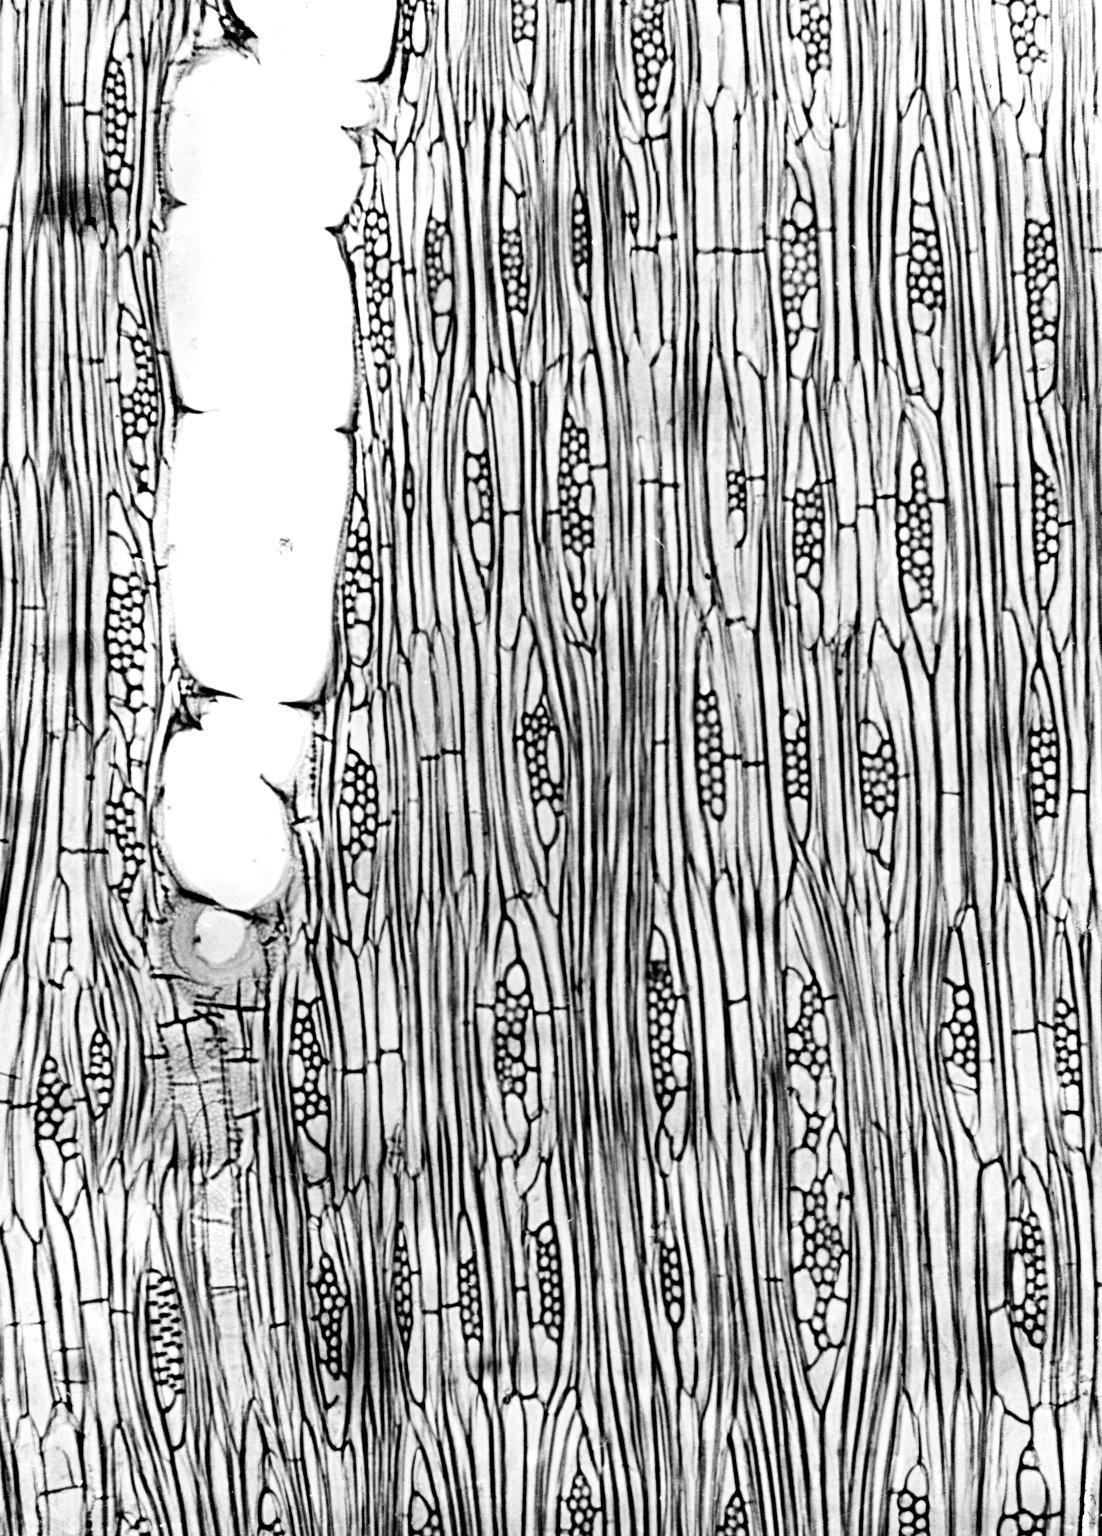 MALVACEAE MALVOIDEAE Hibiscus lasiococcus